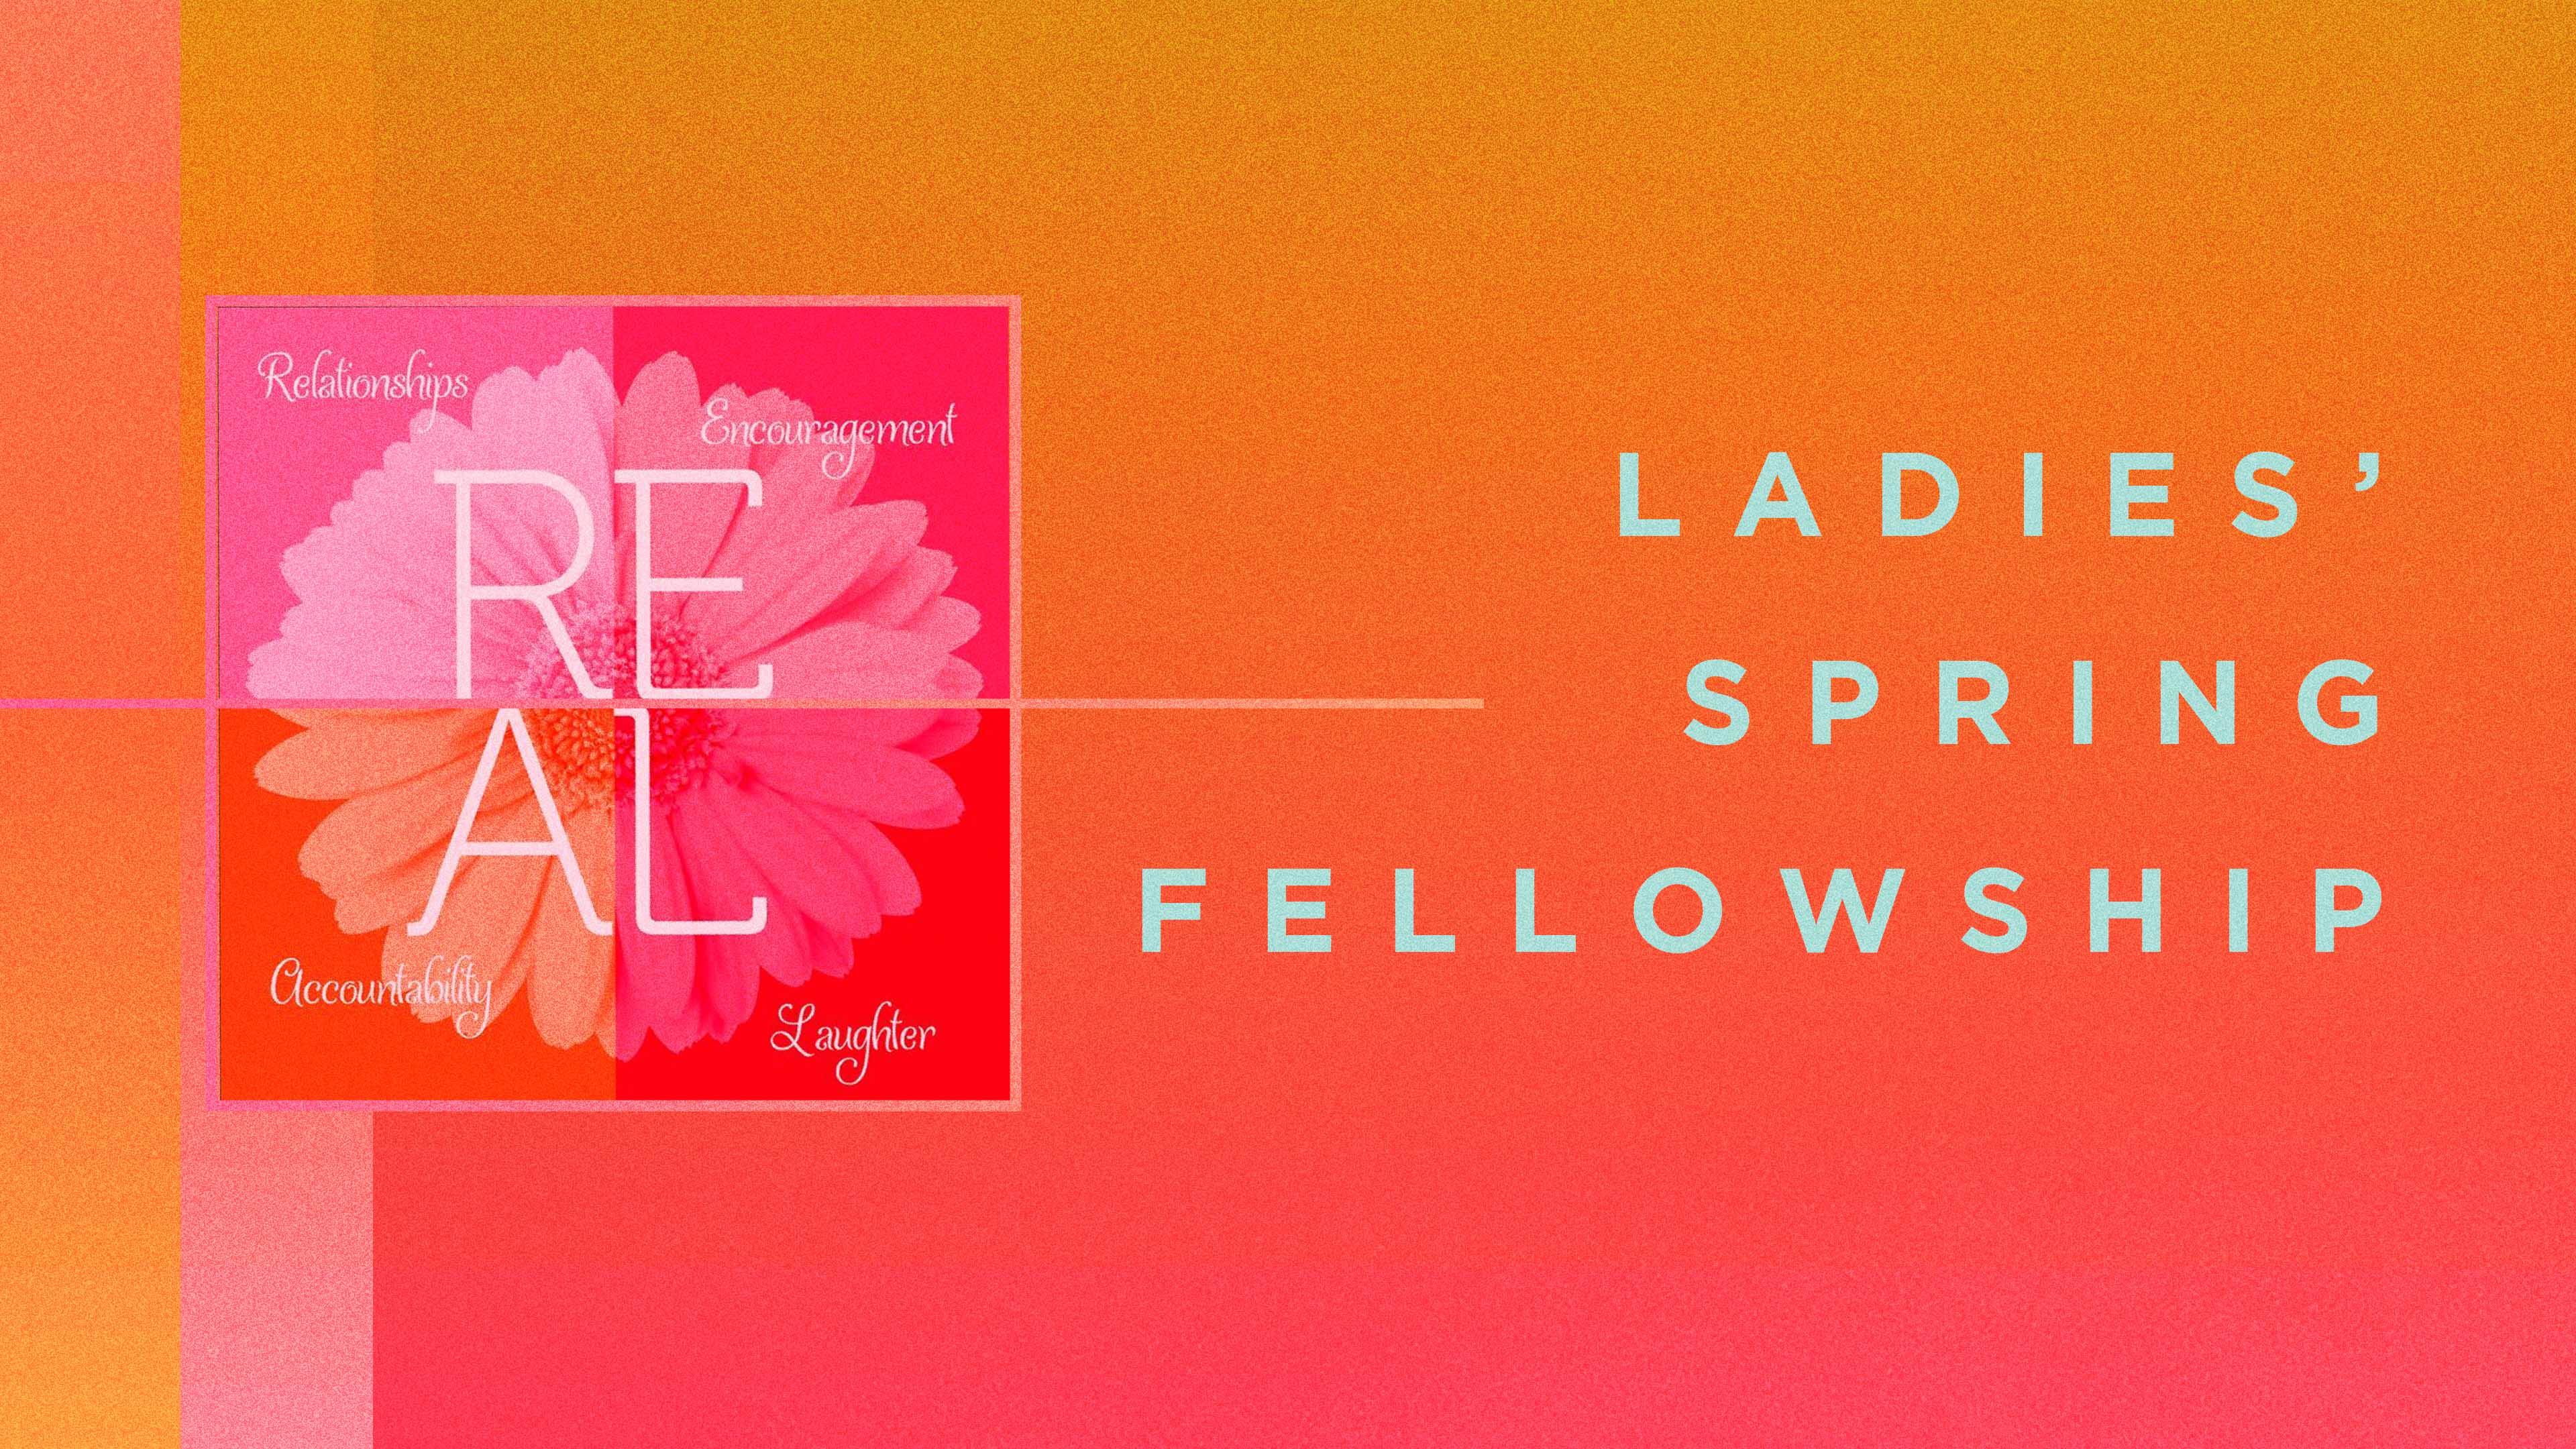 Ladies spring fellowship